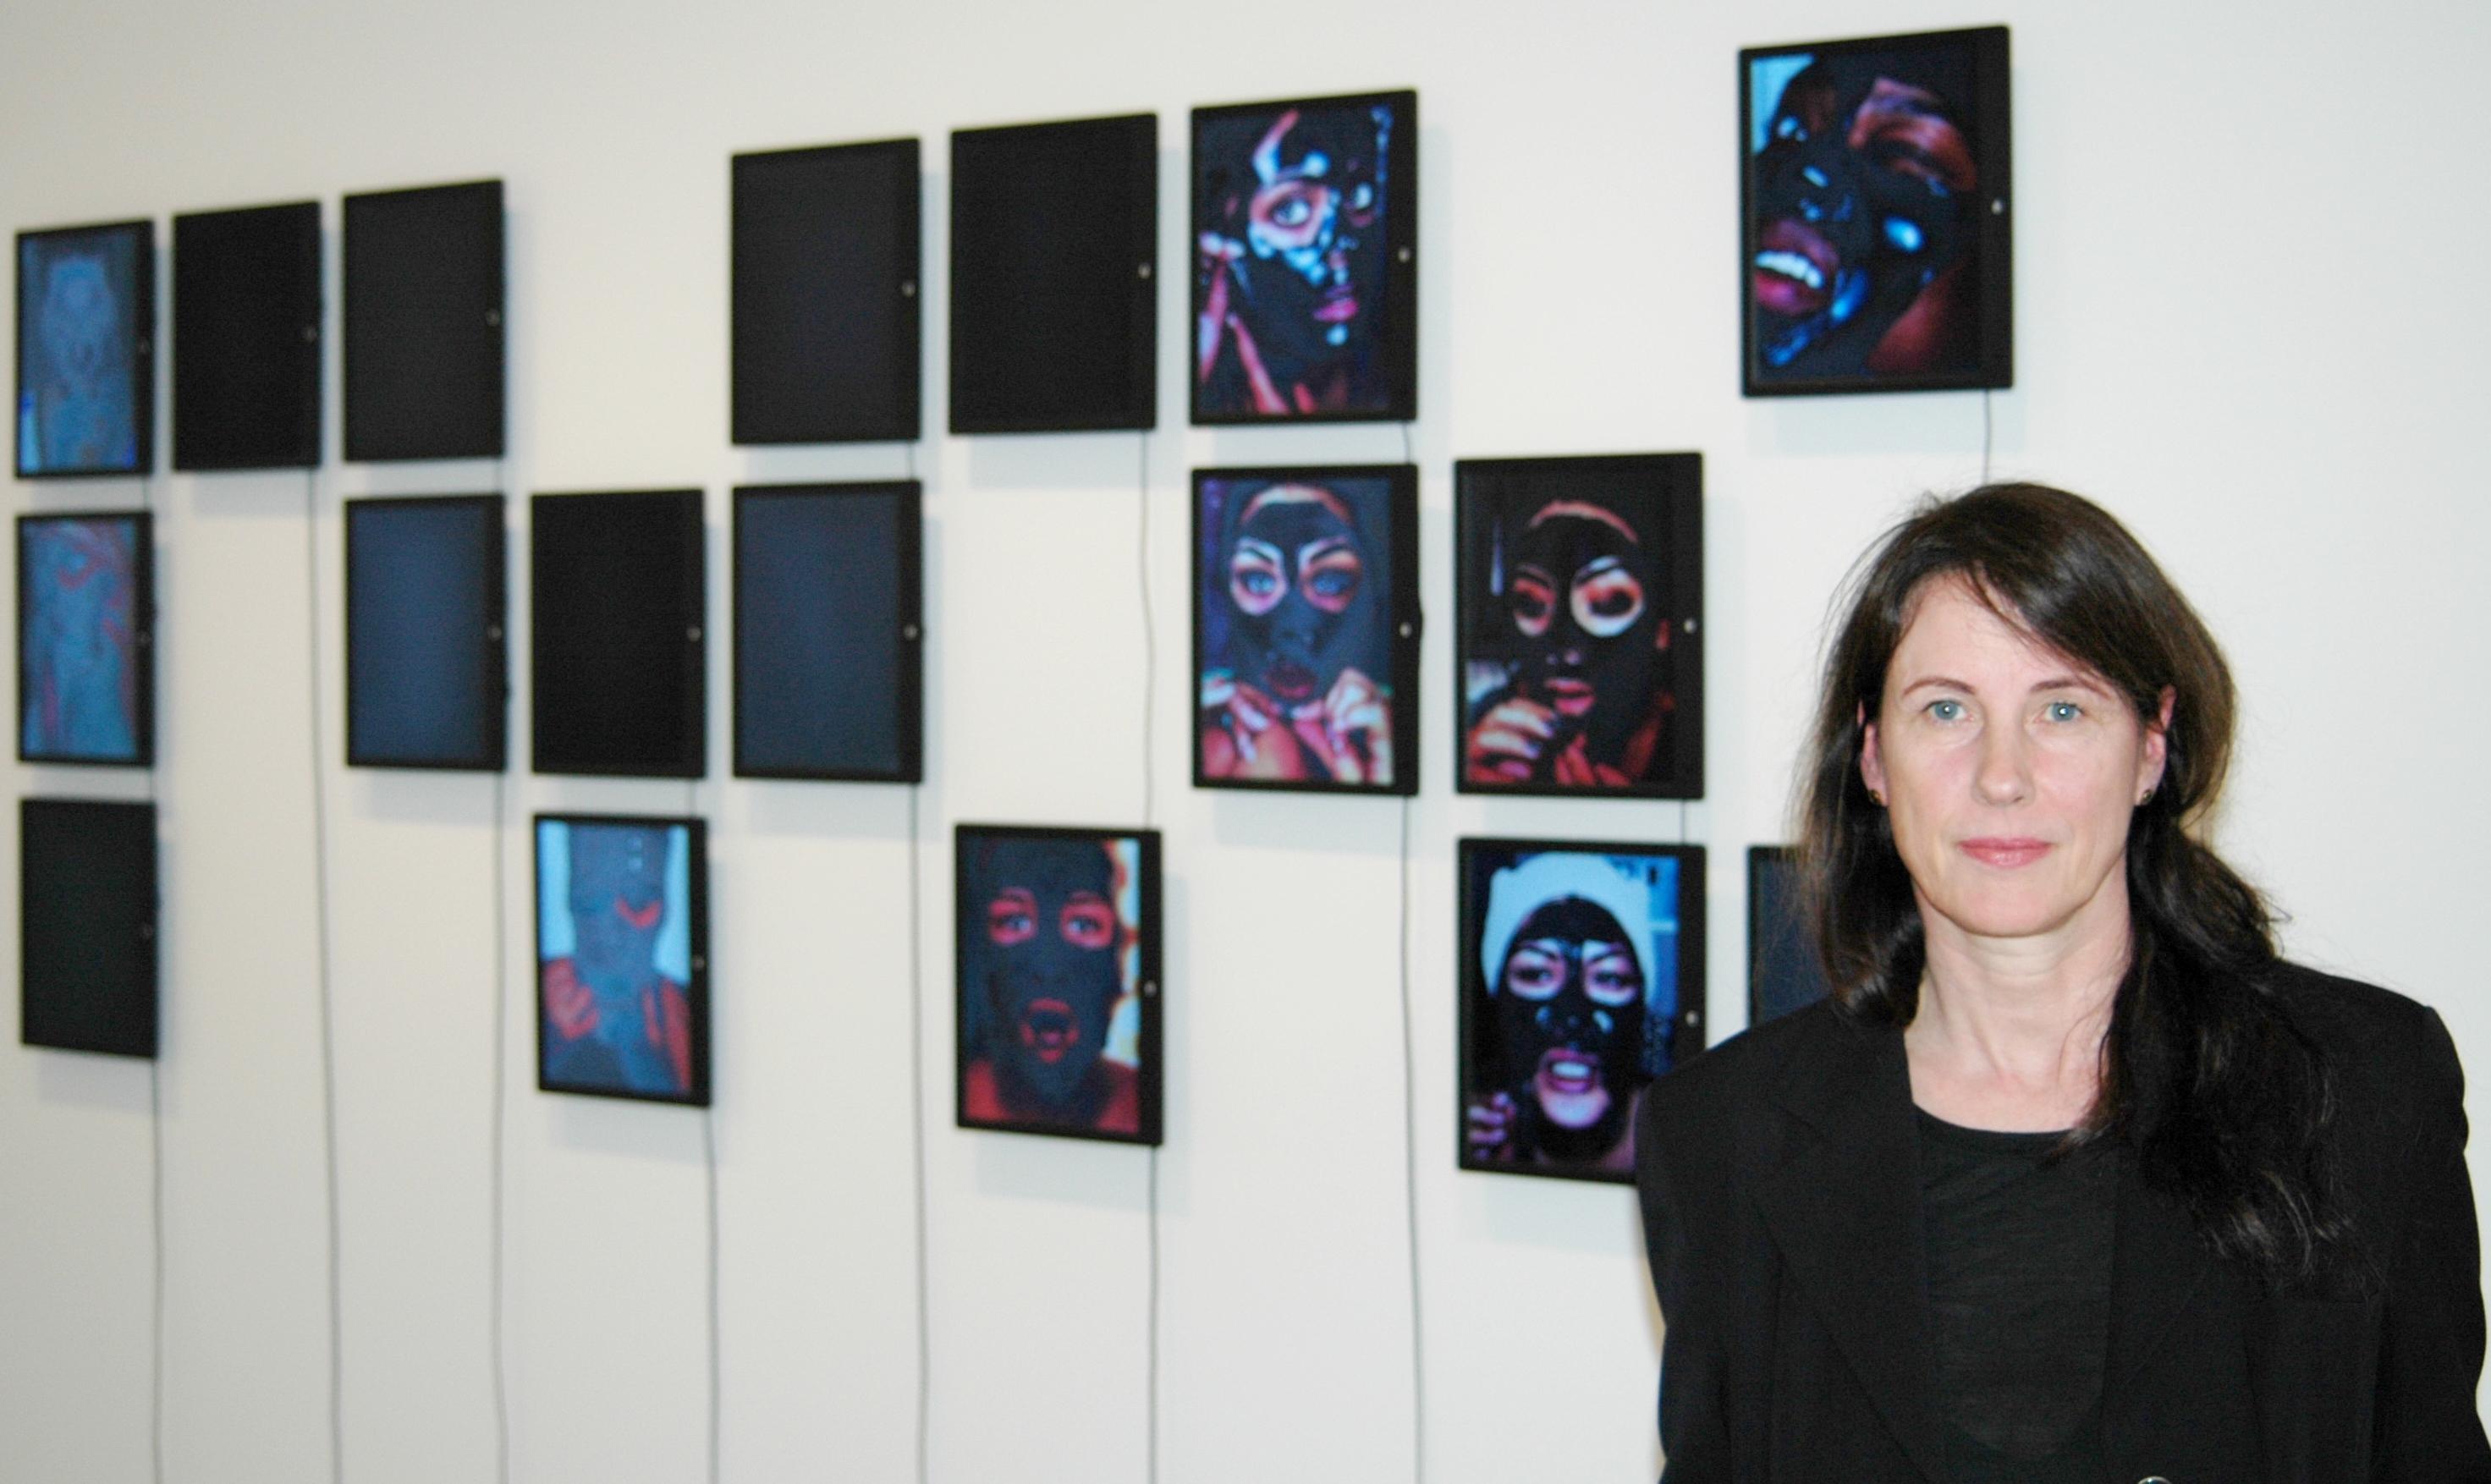 Susanne Weirich